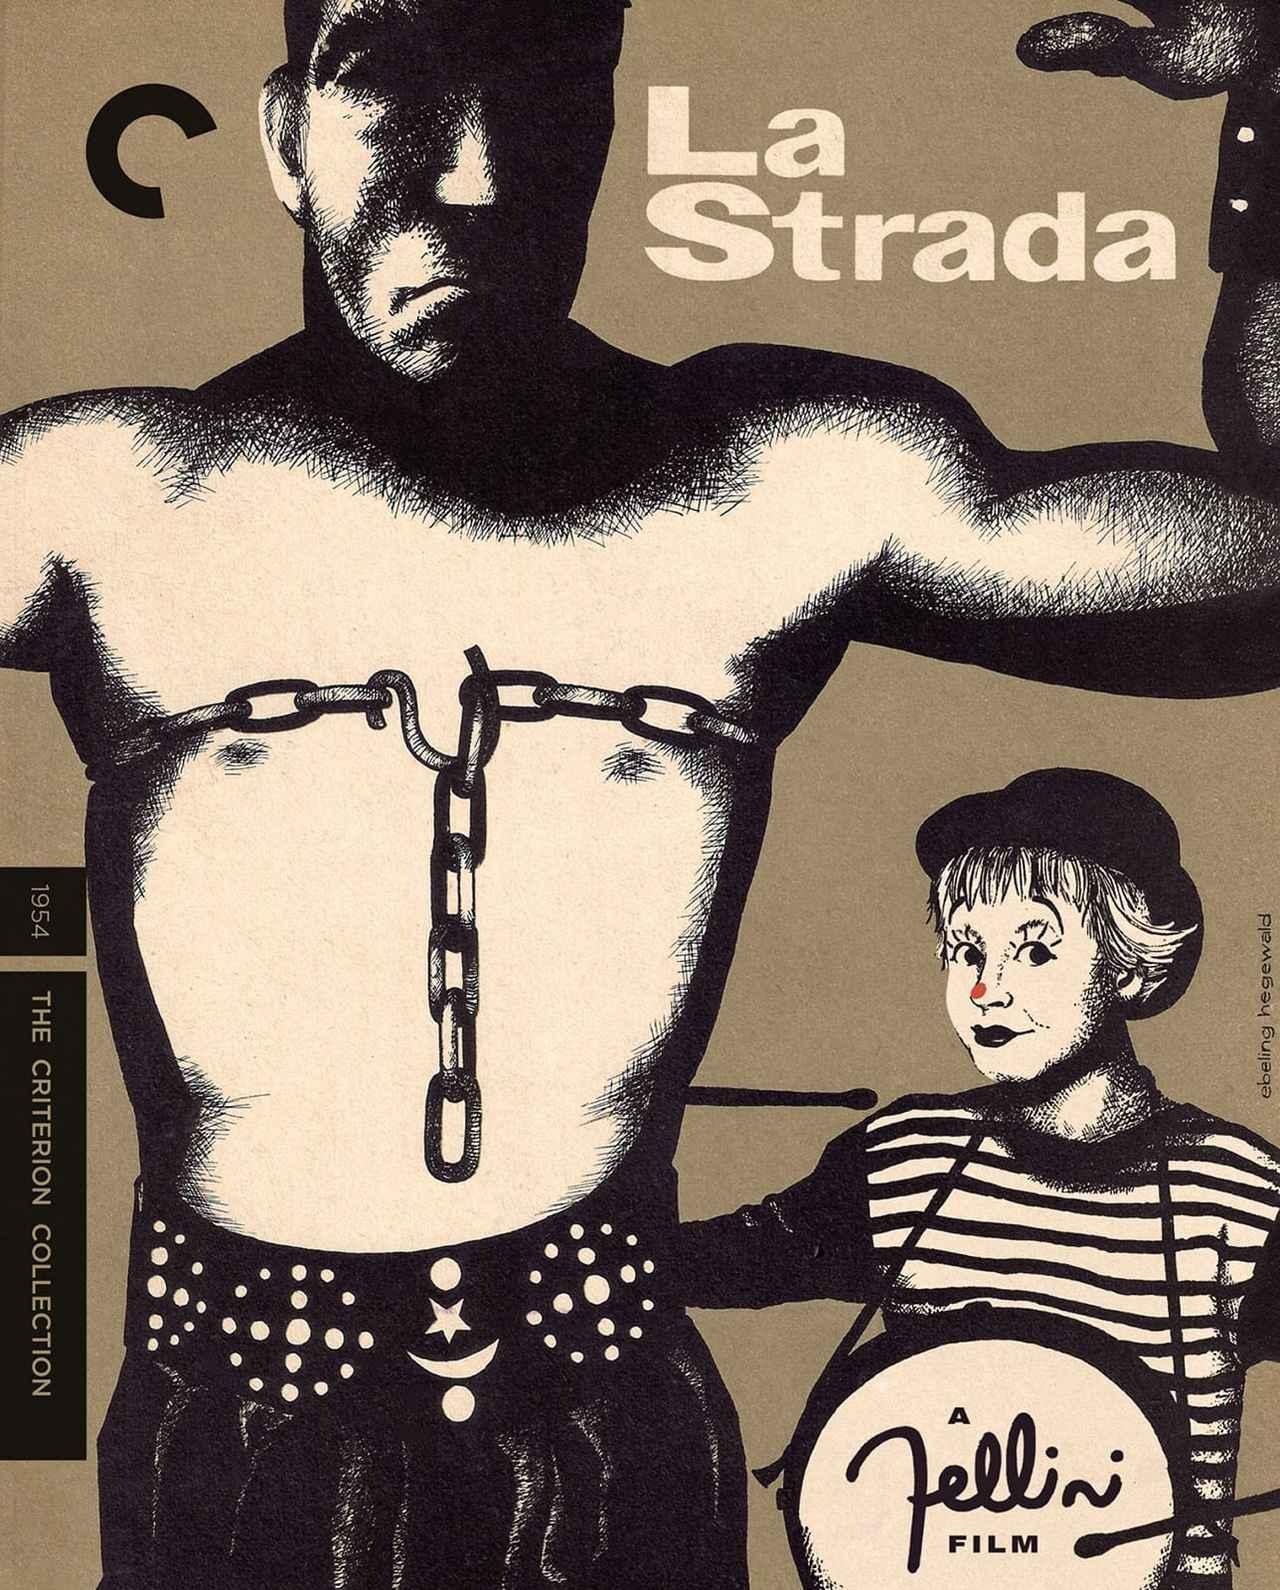 画像: 道/LA STRADA 11月2日リリース 1954年/監督フェデリコ・フェリーニ /出演アンソニー・クイン, ジュリエッタ・マシーナ 野獣のような大道芸人と、彼にいいようにこき使われる頭の弱い娘の奇妙な交流。復興著しいイタリア映画界は、ロッセリーニやデ・シーカに続いてさらなる逸材を世に送り出した。人間の心のなかの獣性と神性の戦いを描いたフェリーニの秀作。アカデミー外国語映画賞、ヴェネチア国際映画祭サン・マルコ銀獅子賞受賞作。 ******************************************************************************************************************************** Italy   97 minutes   Black & White   1.37:1   Italian   SRP: $39.95 4K RESTORATION , undertaken in collaboration with The Film Foundation and the Cineteca di Bologna, with uncompressed monaural soundtrack